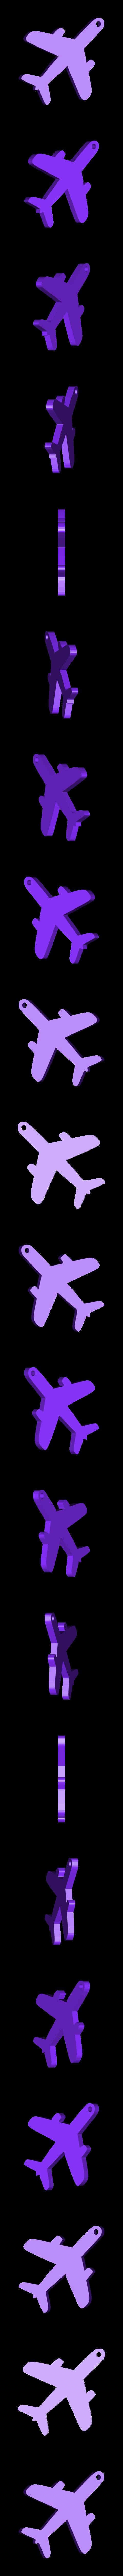 Avion 2.stl Télécharger fichier STL gratuit Porte-clés ou pendentif avion • Modèle à imprimer en 3D, Free-3D-Models